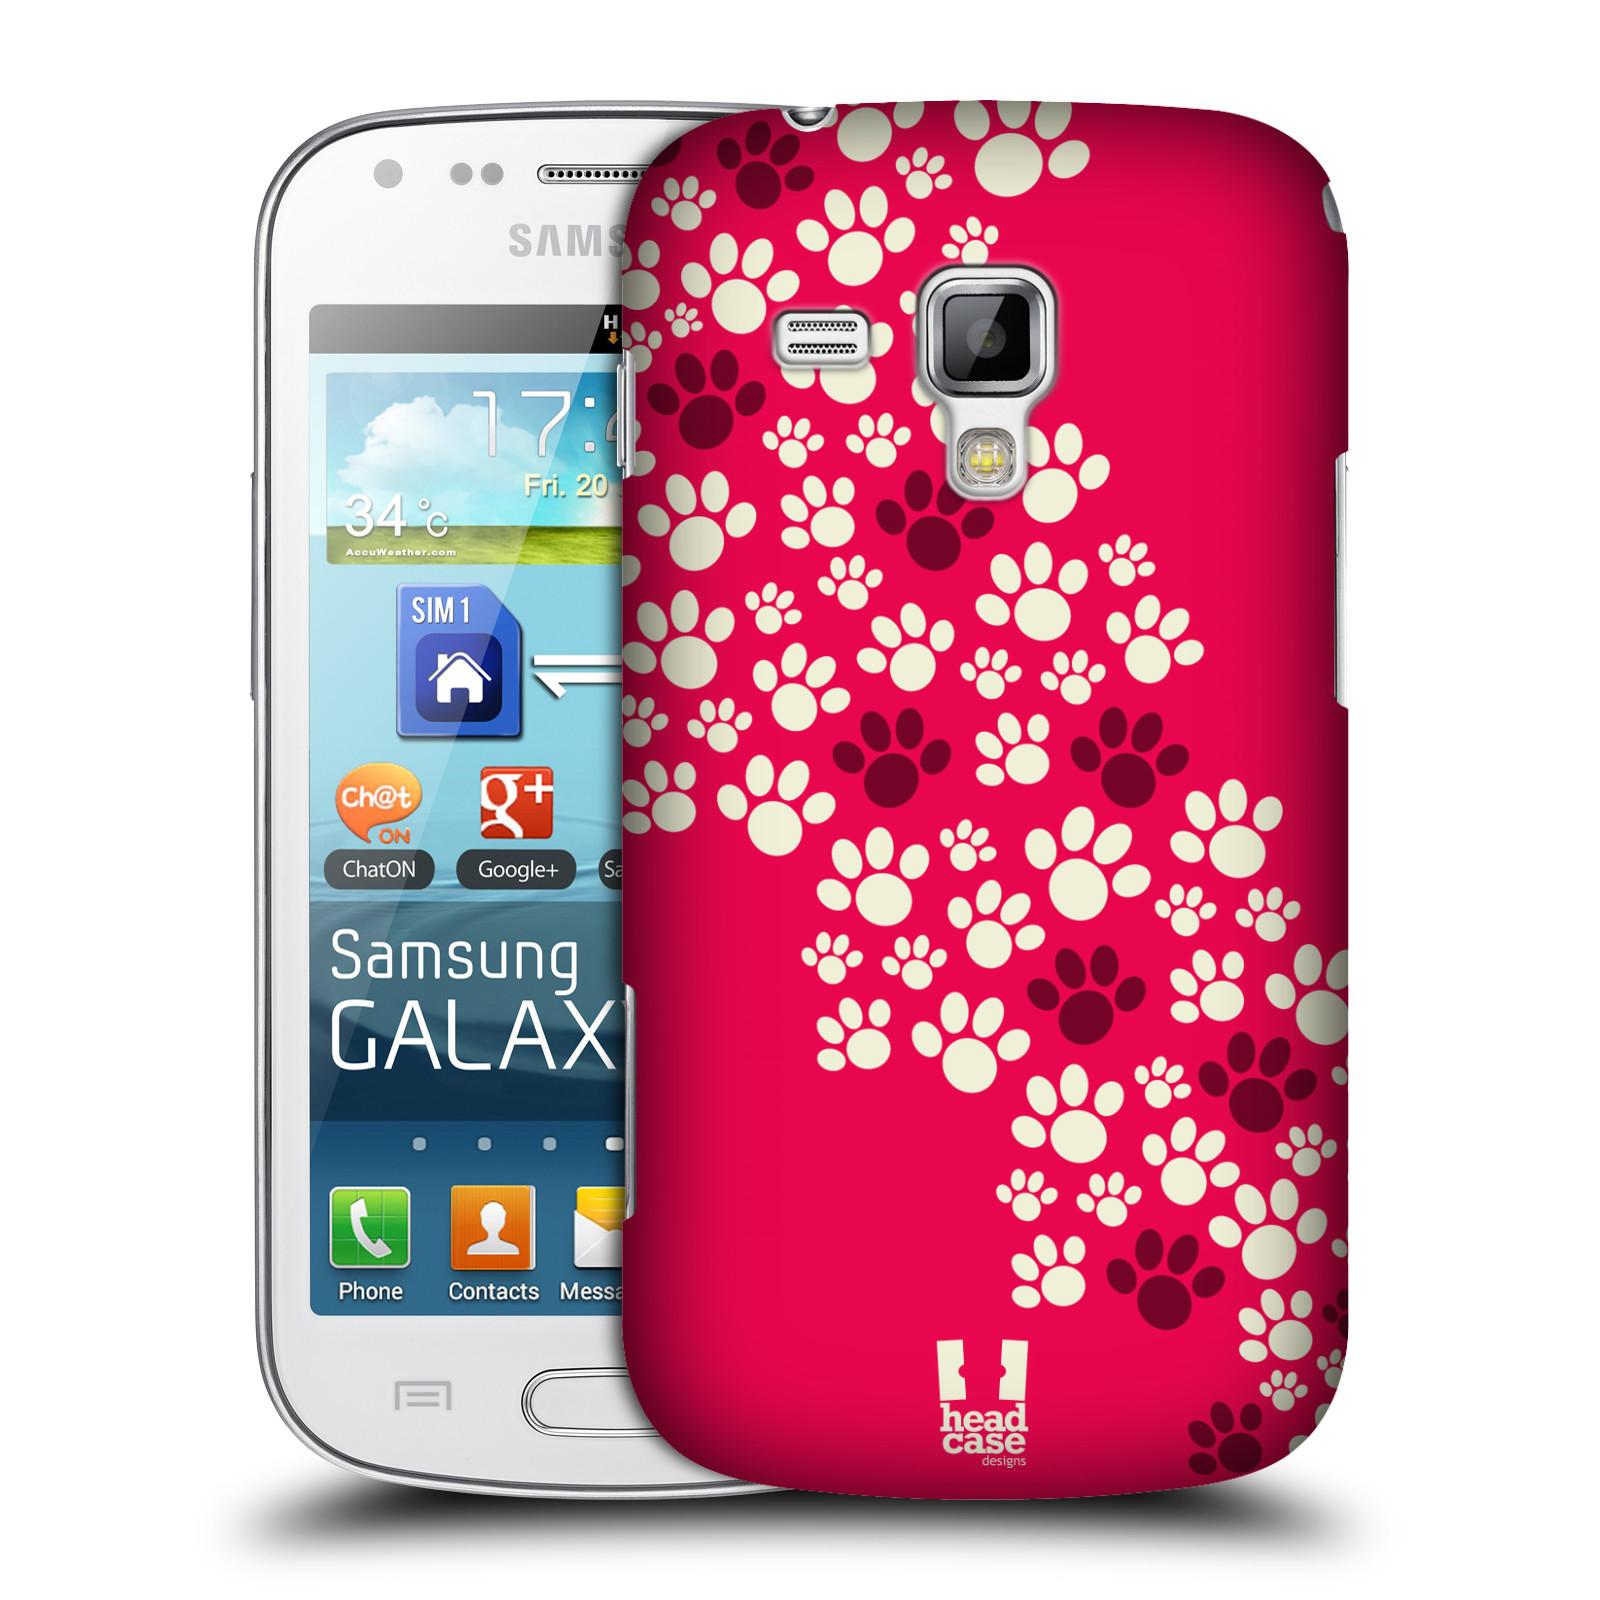 Plastové pouzdro na mobil Samsung Galaxy S Duos HEAD CASE TLAPKY RŮŽOVÉ (Kryt či obal na mobilní telefon Samsung Galaxy S Duos GT-S7562)